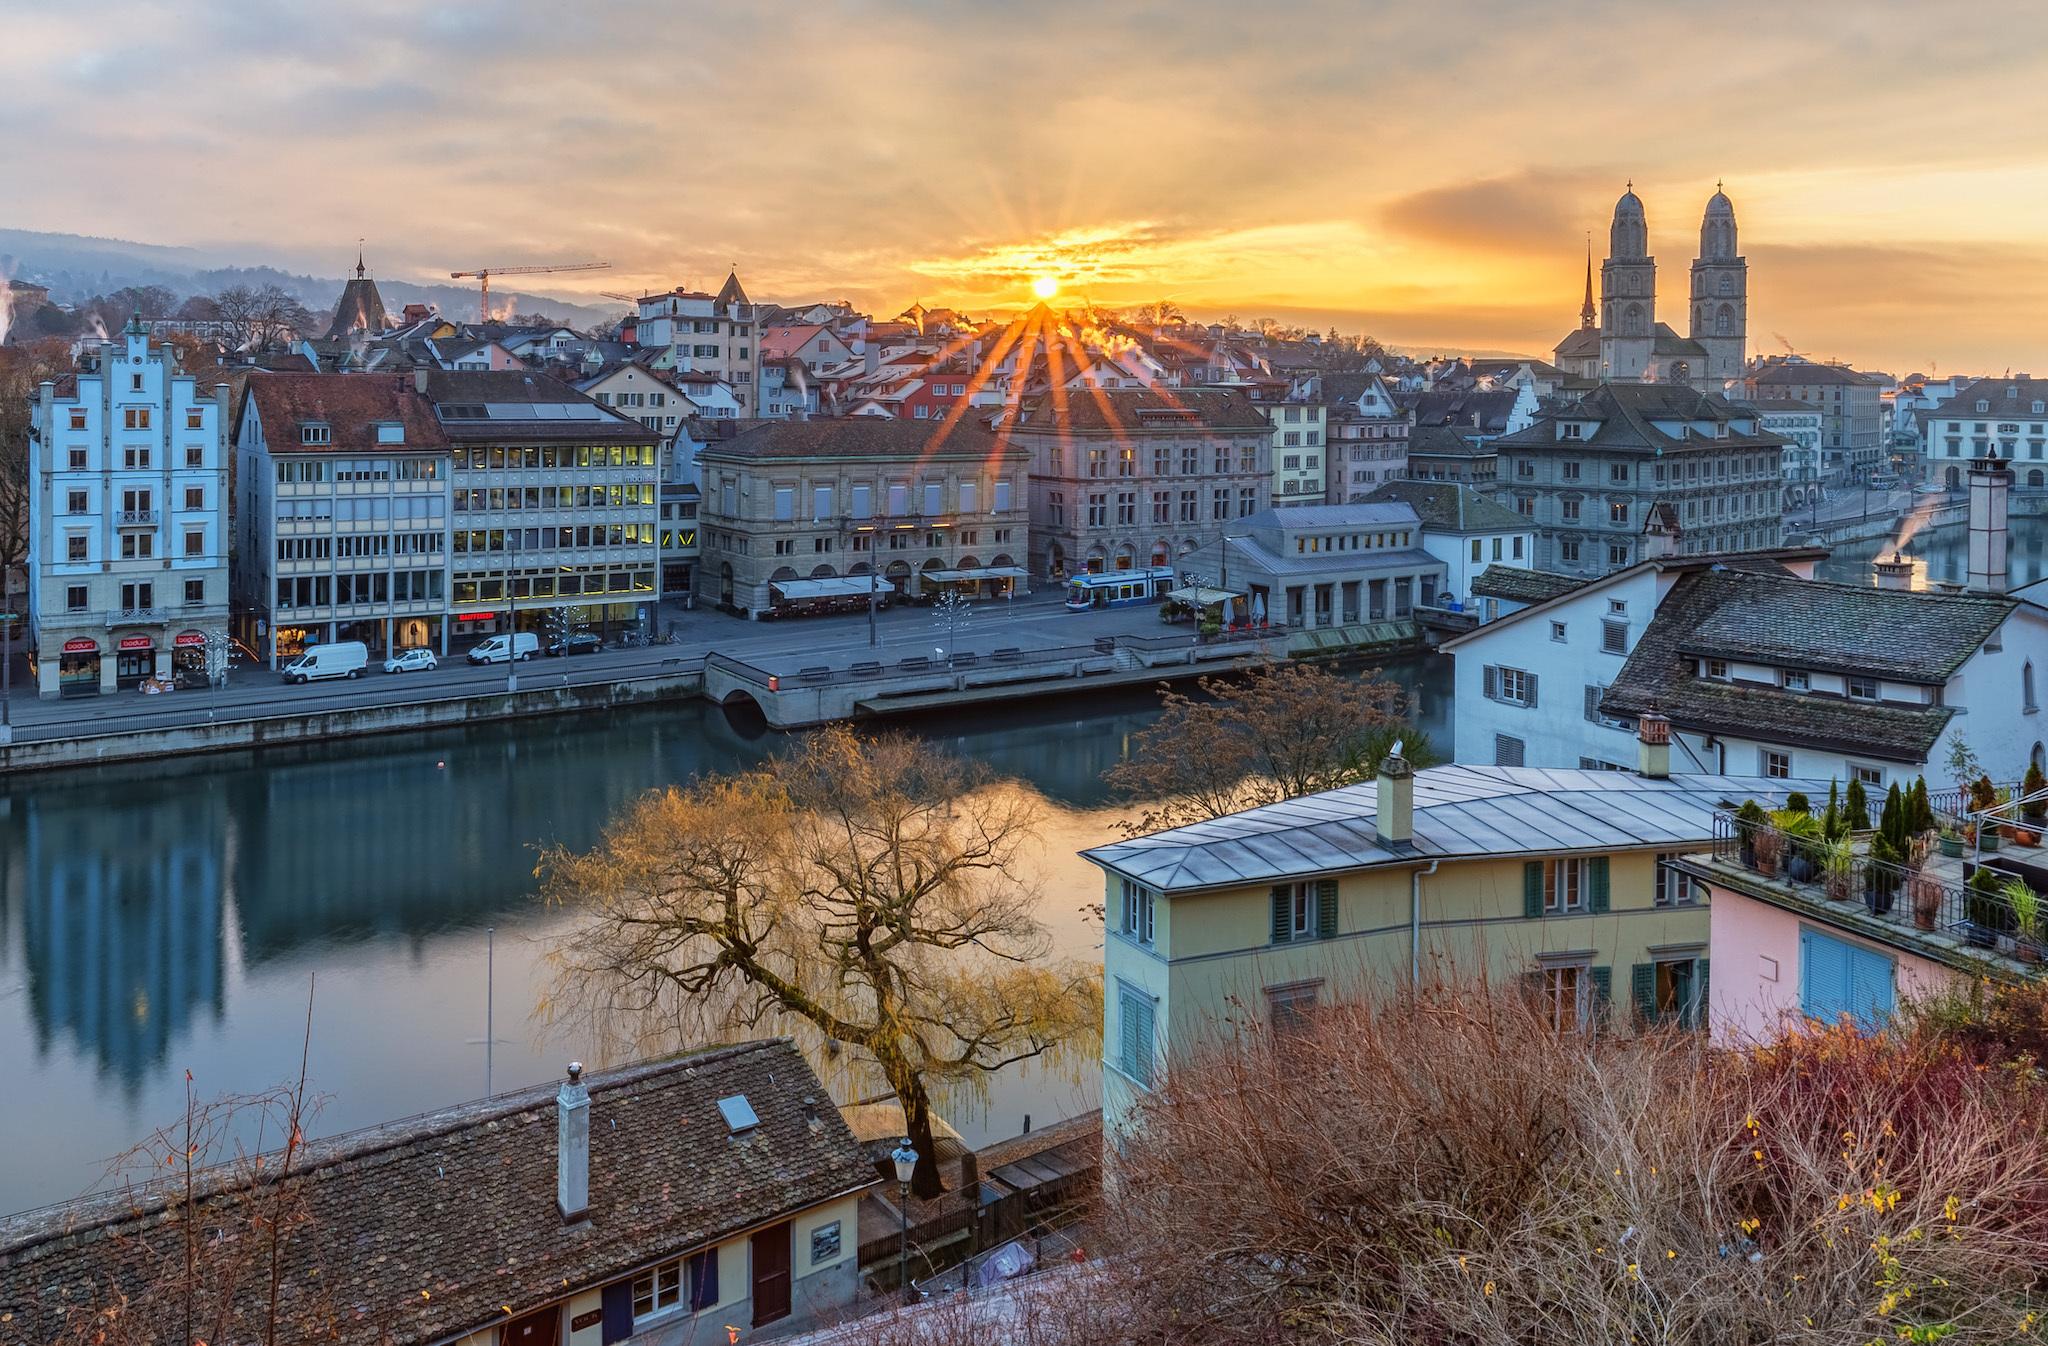 Lindenhof, Zurich